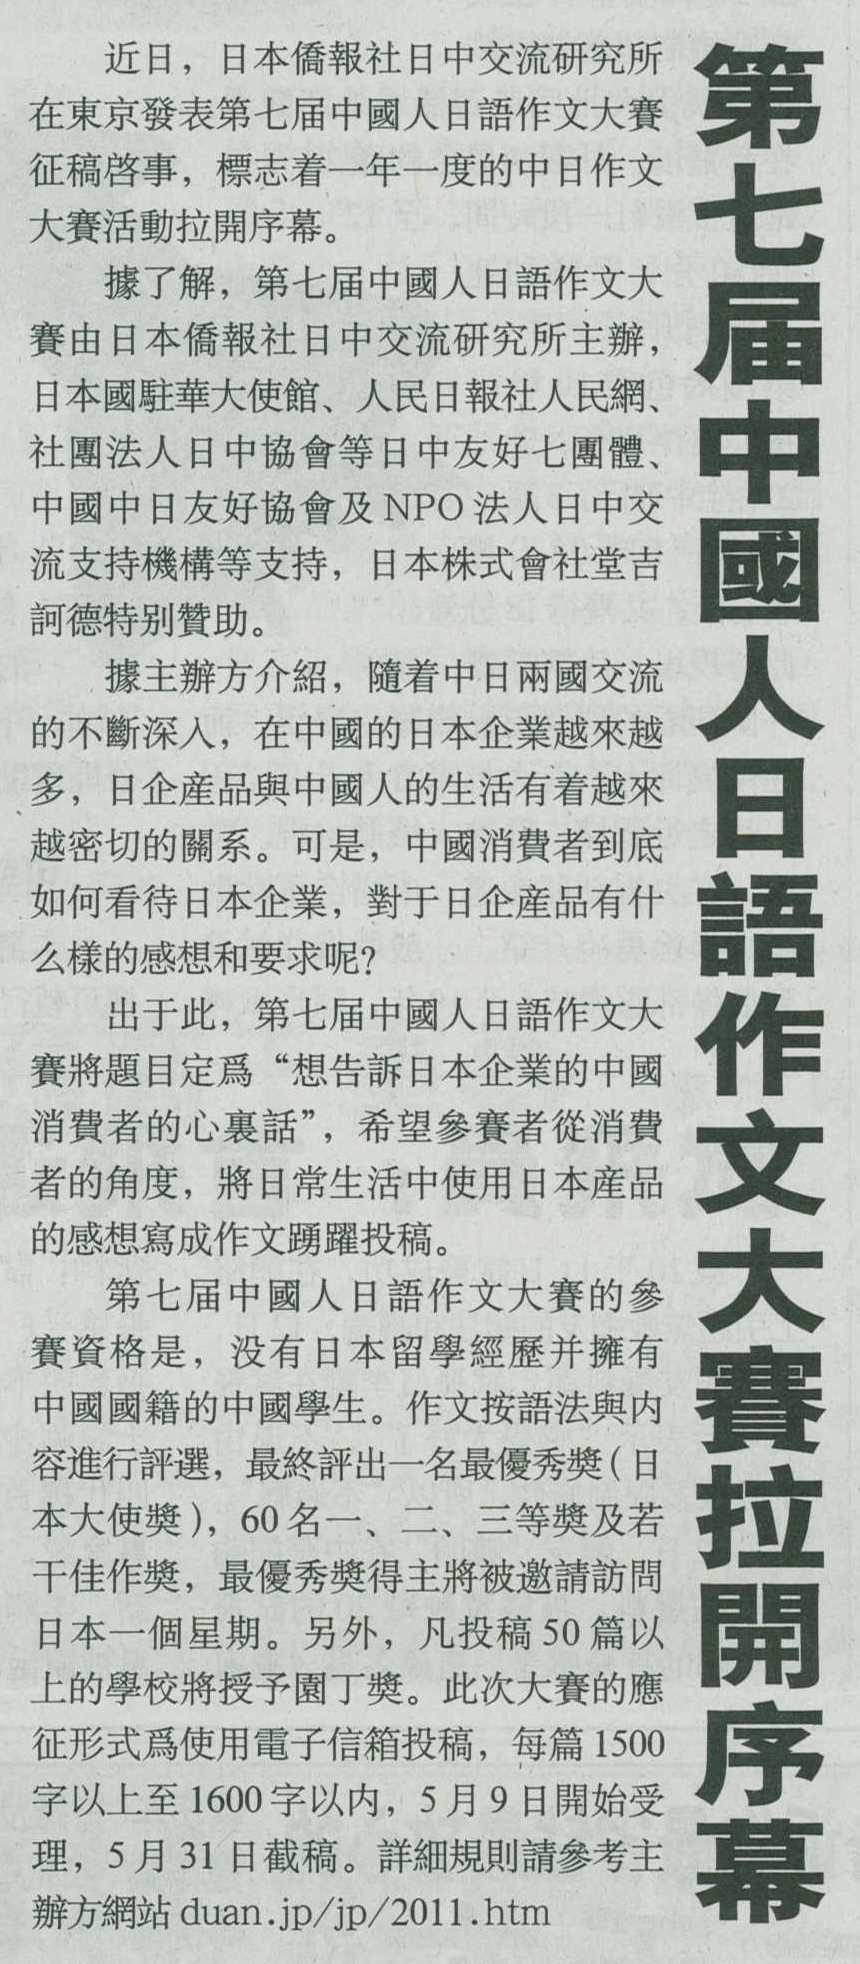 新華時報 第7回中国人の日本語作文コンクール開始を報道_d0027795_10354794.jpg